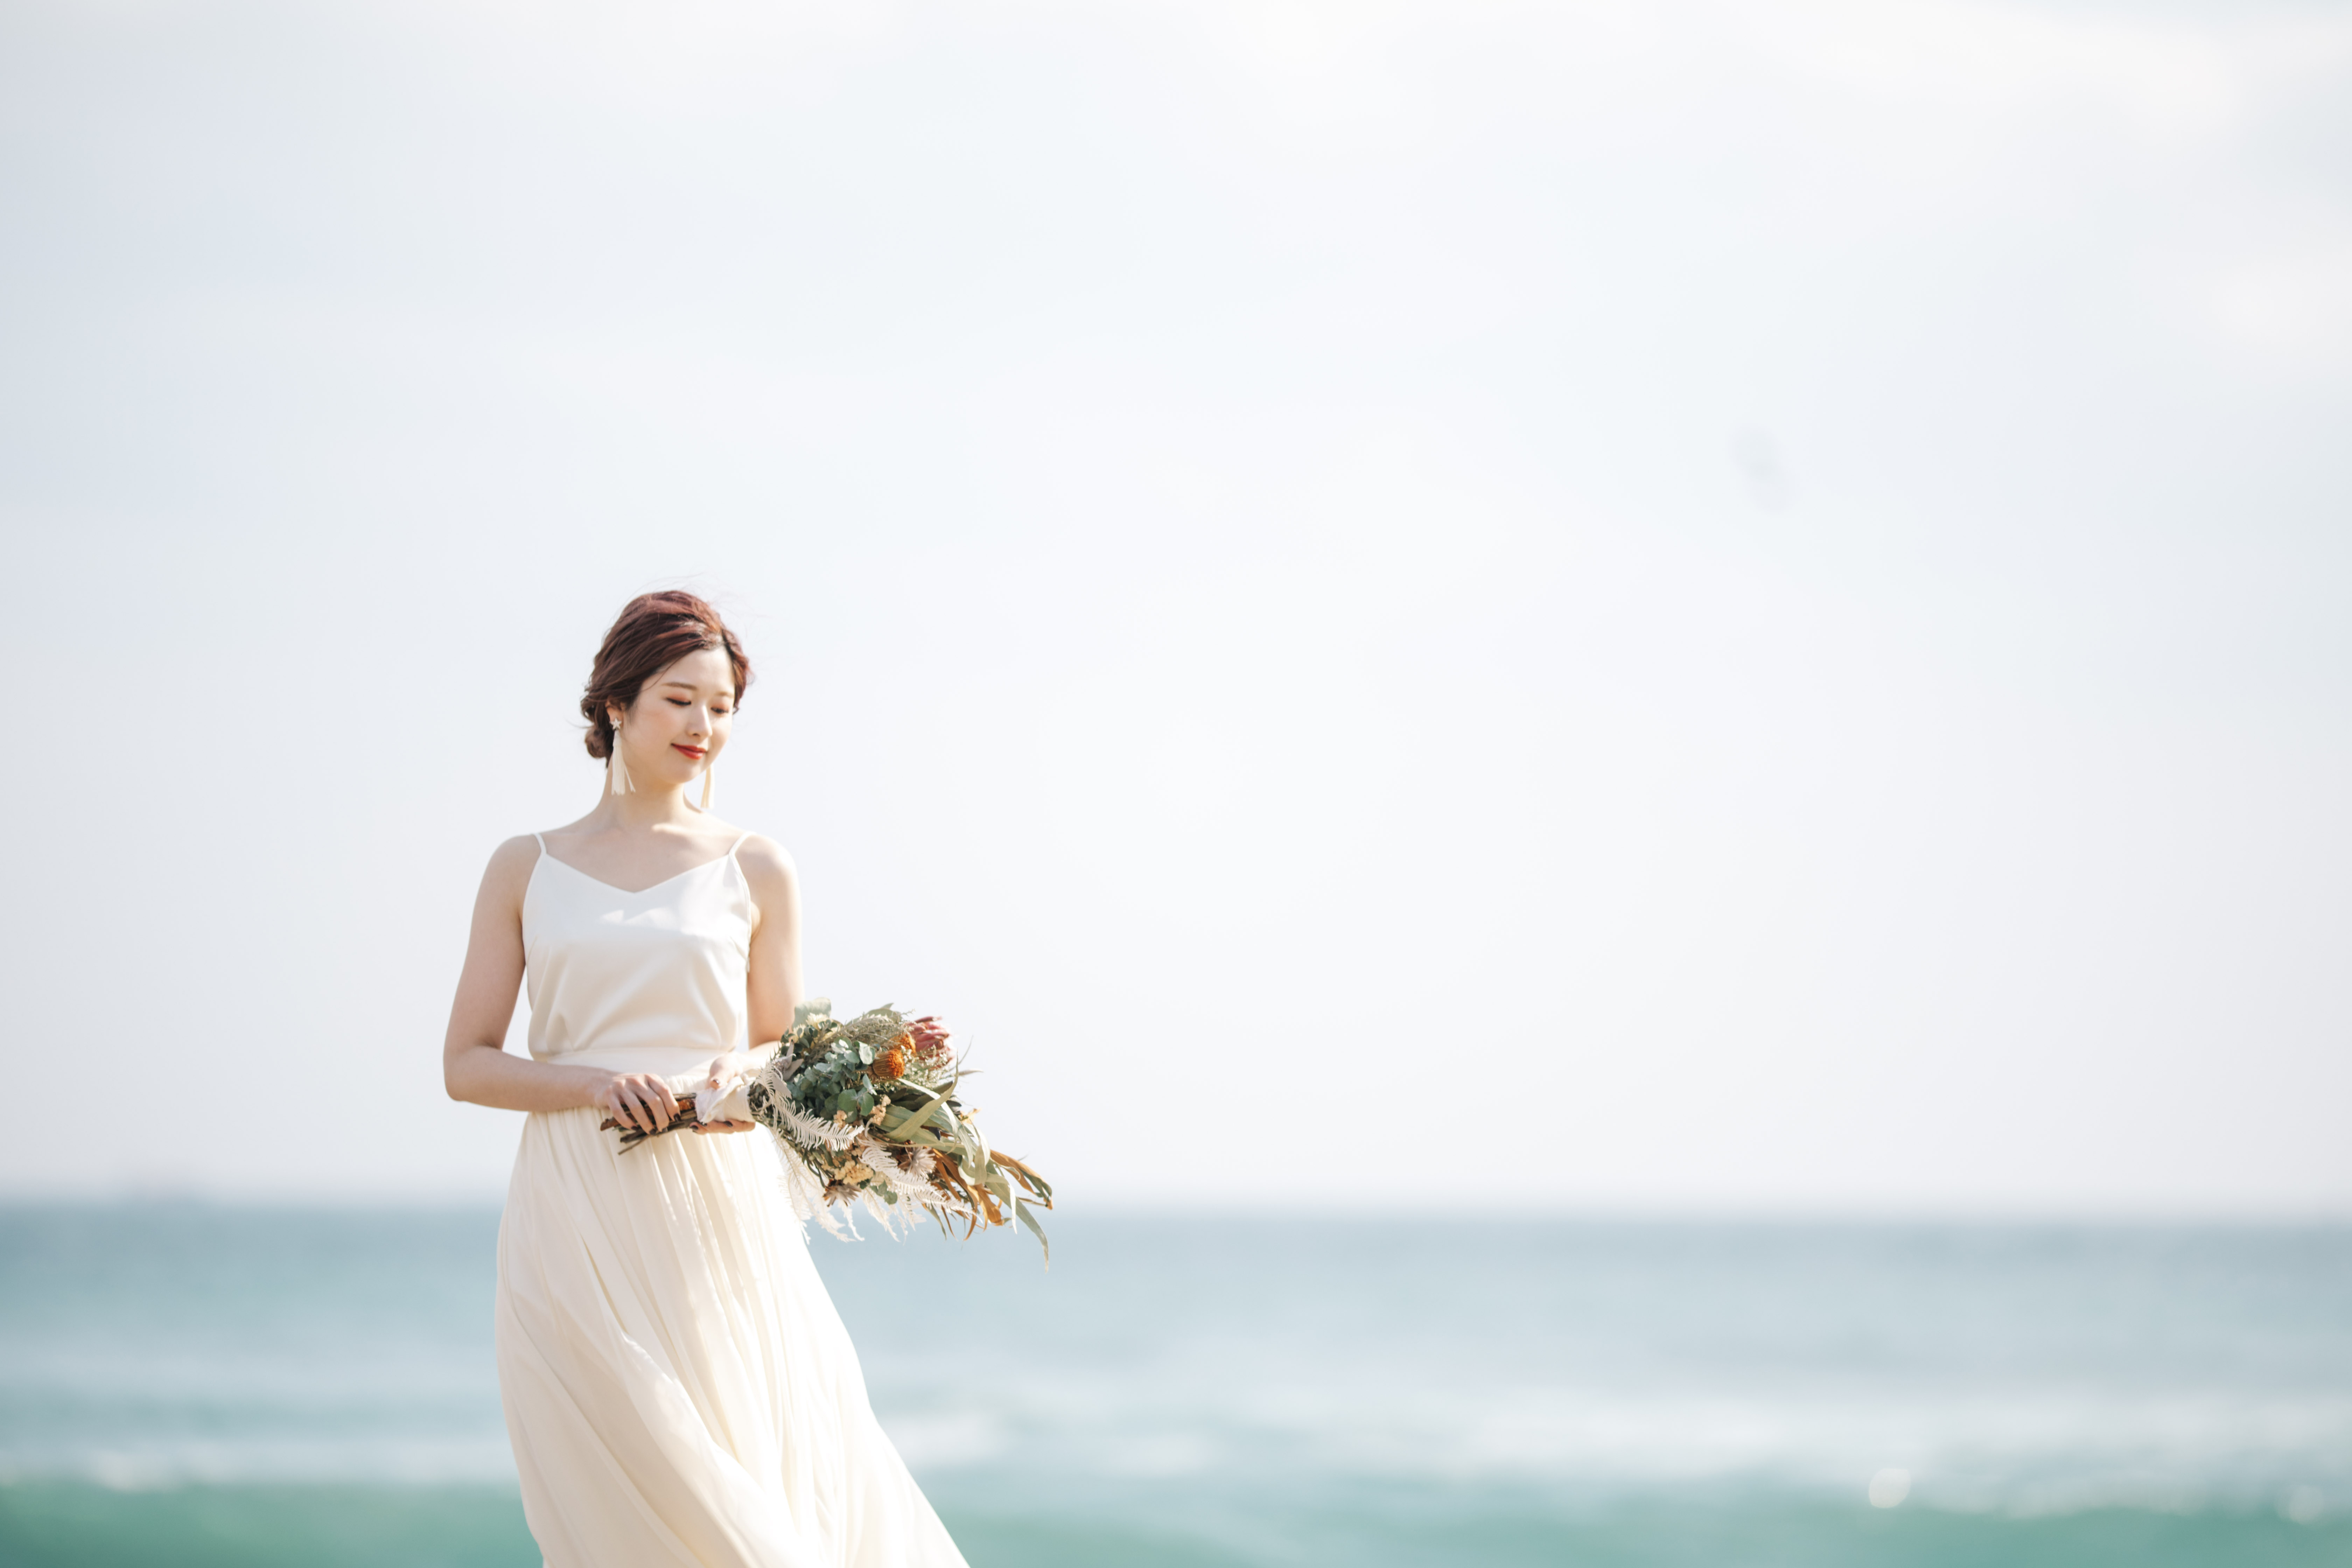 結婚式の前撮りはロケーション撮影がお勧め!豊橋編